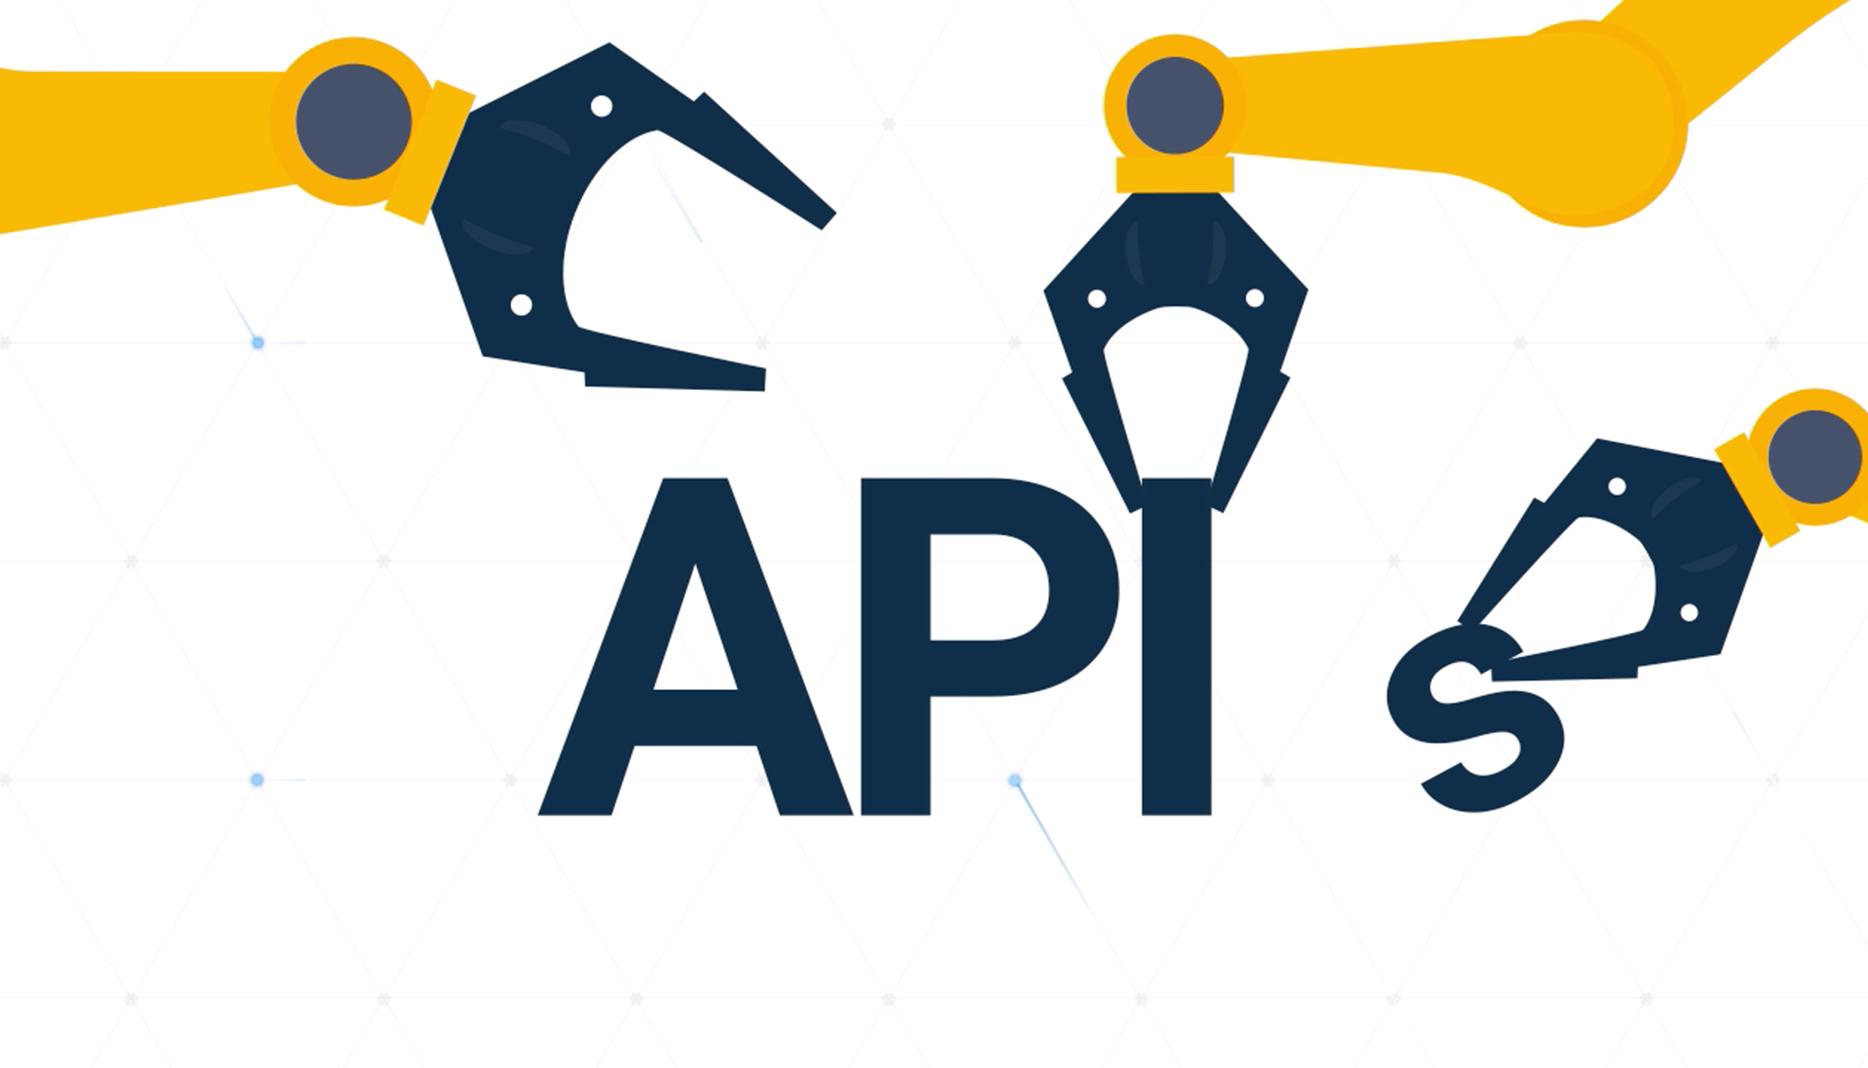 Die Programmierschnittstelle (API - Application Programming Interface) erklärt